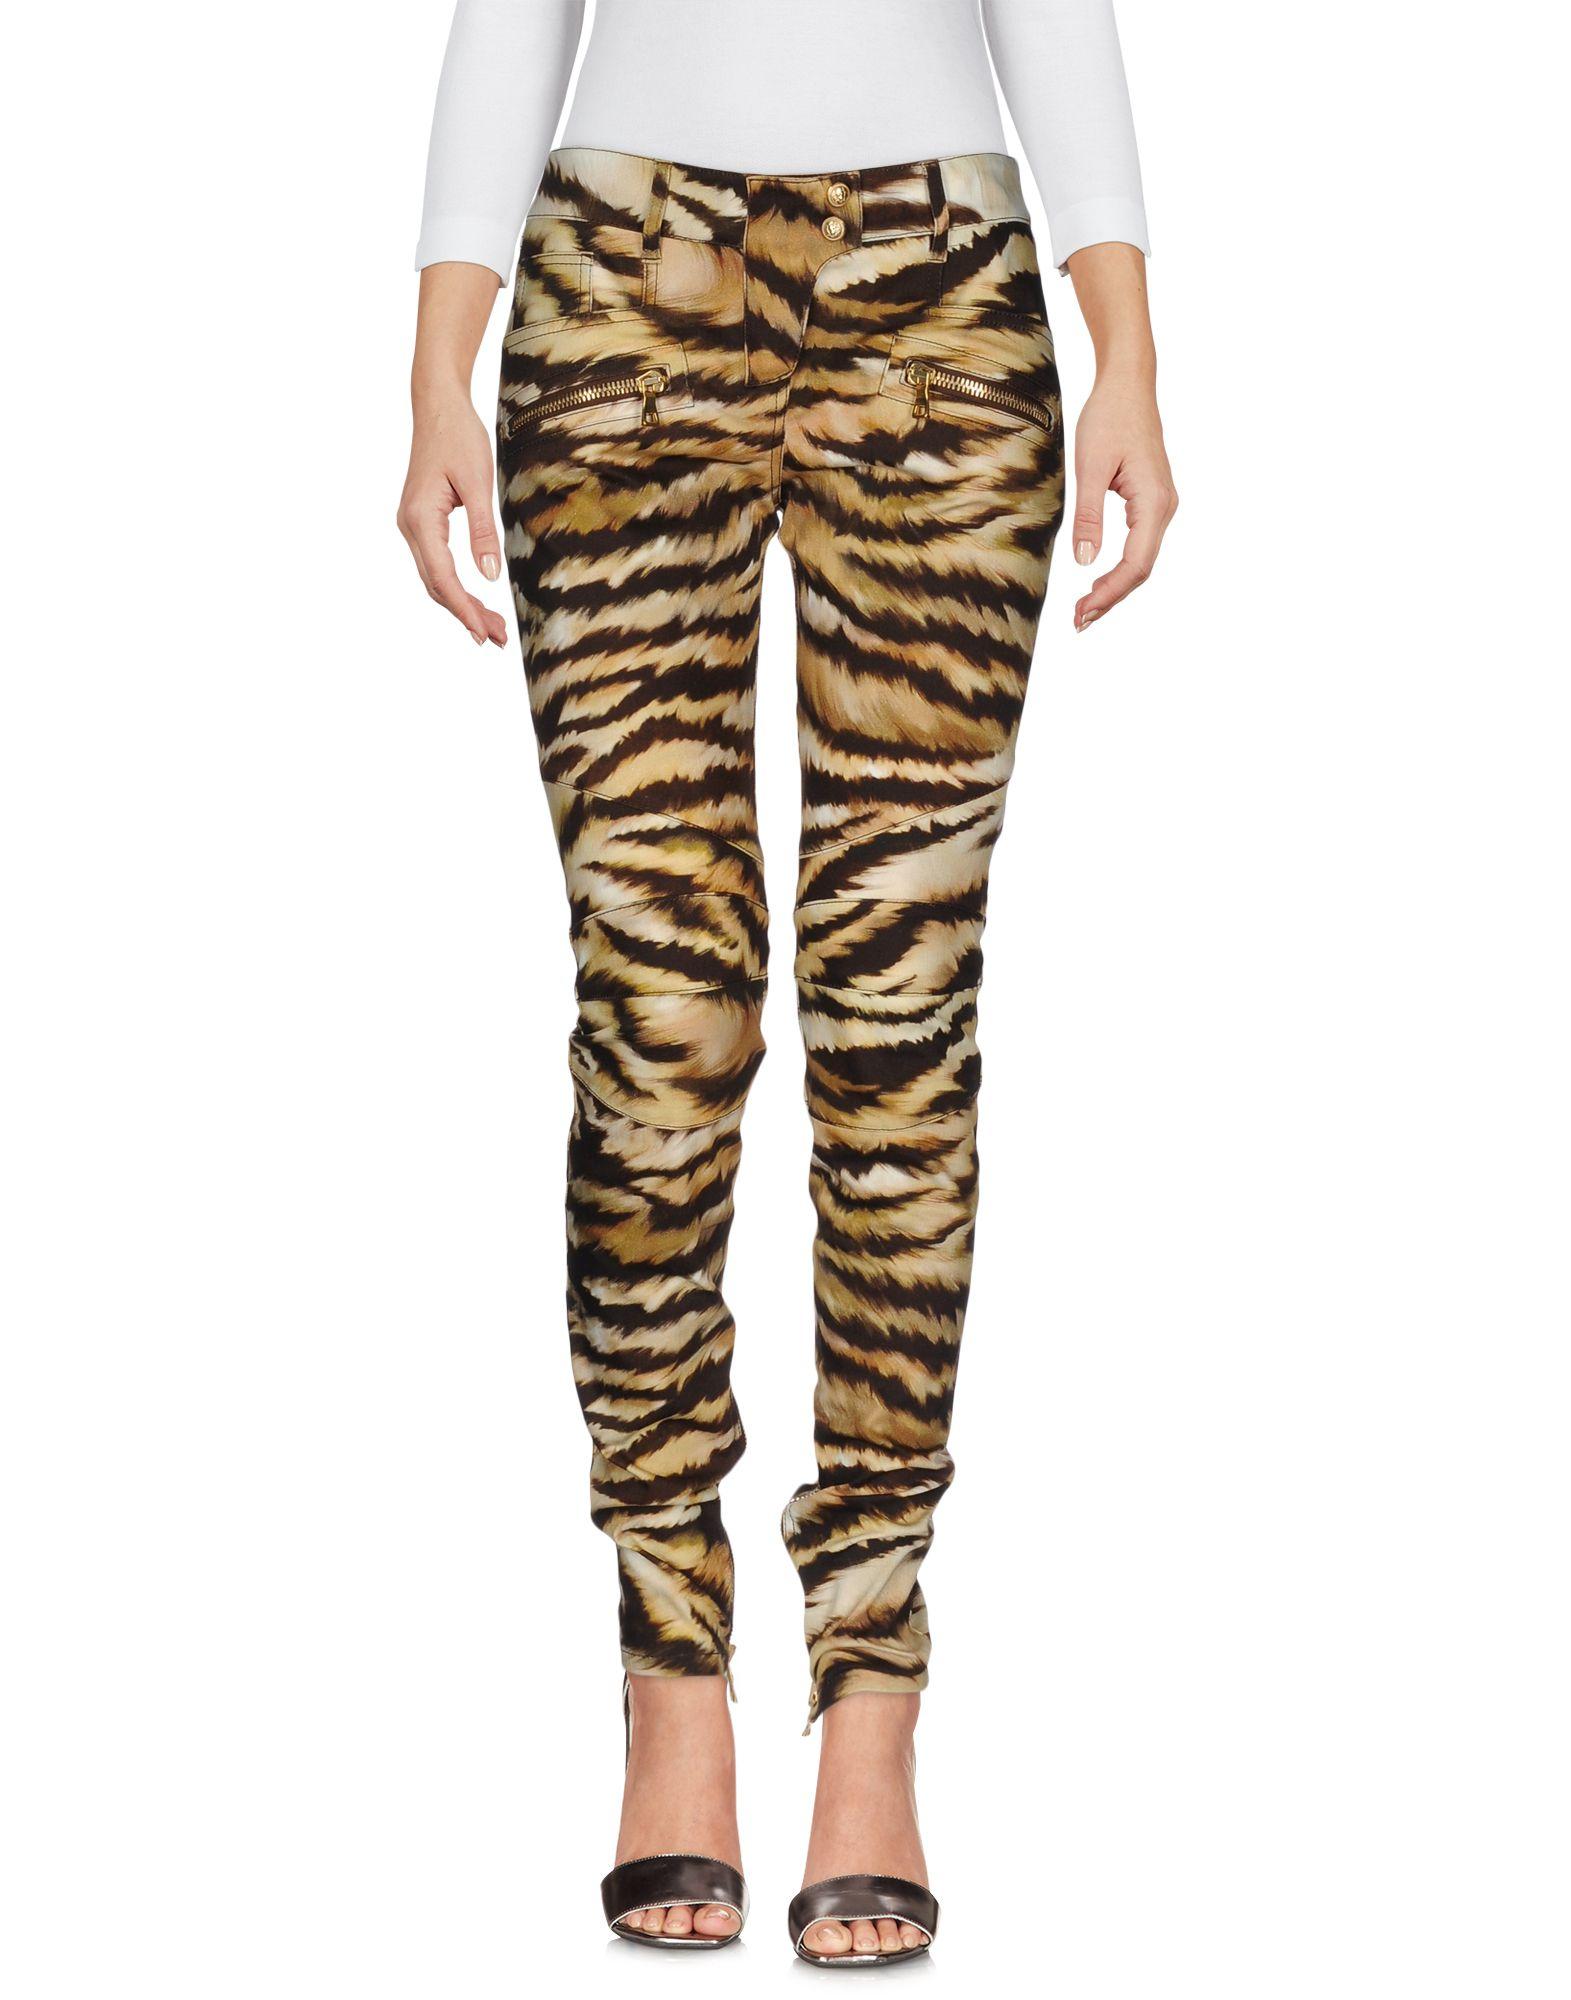 Pantaloni Jeans Balmain damen - 42554594DJ